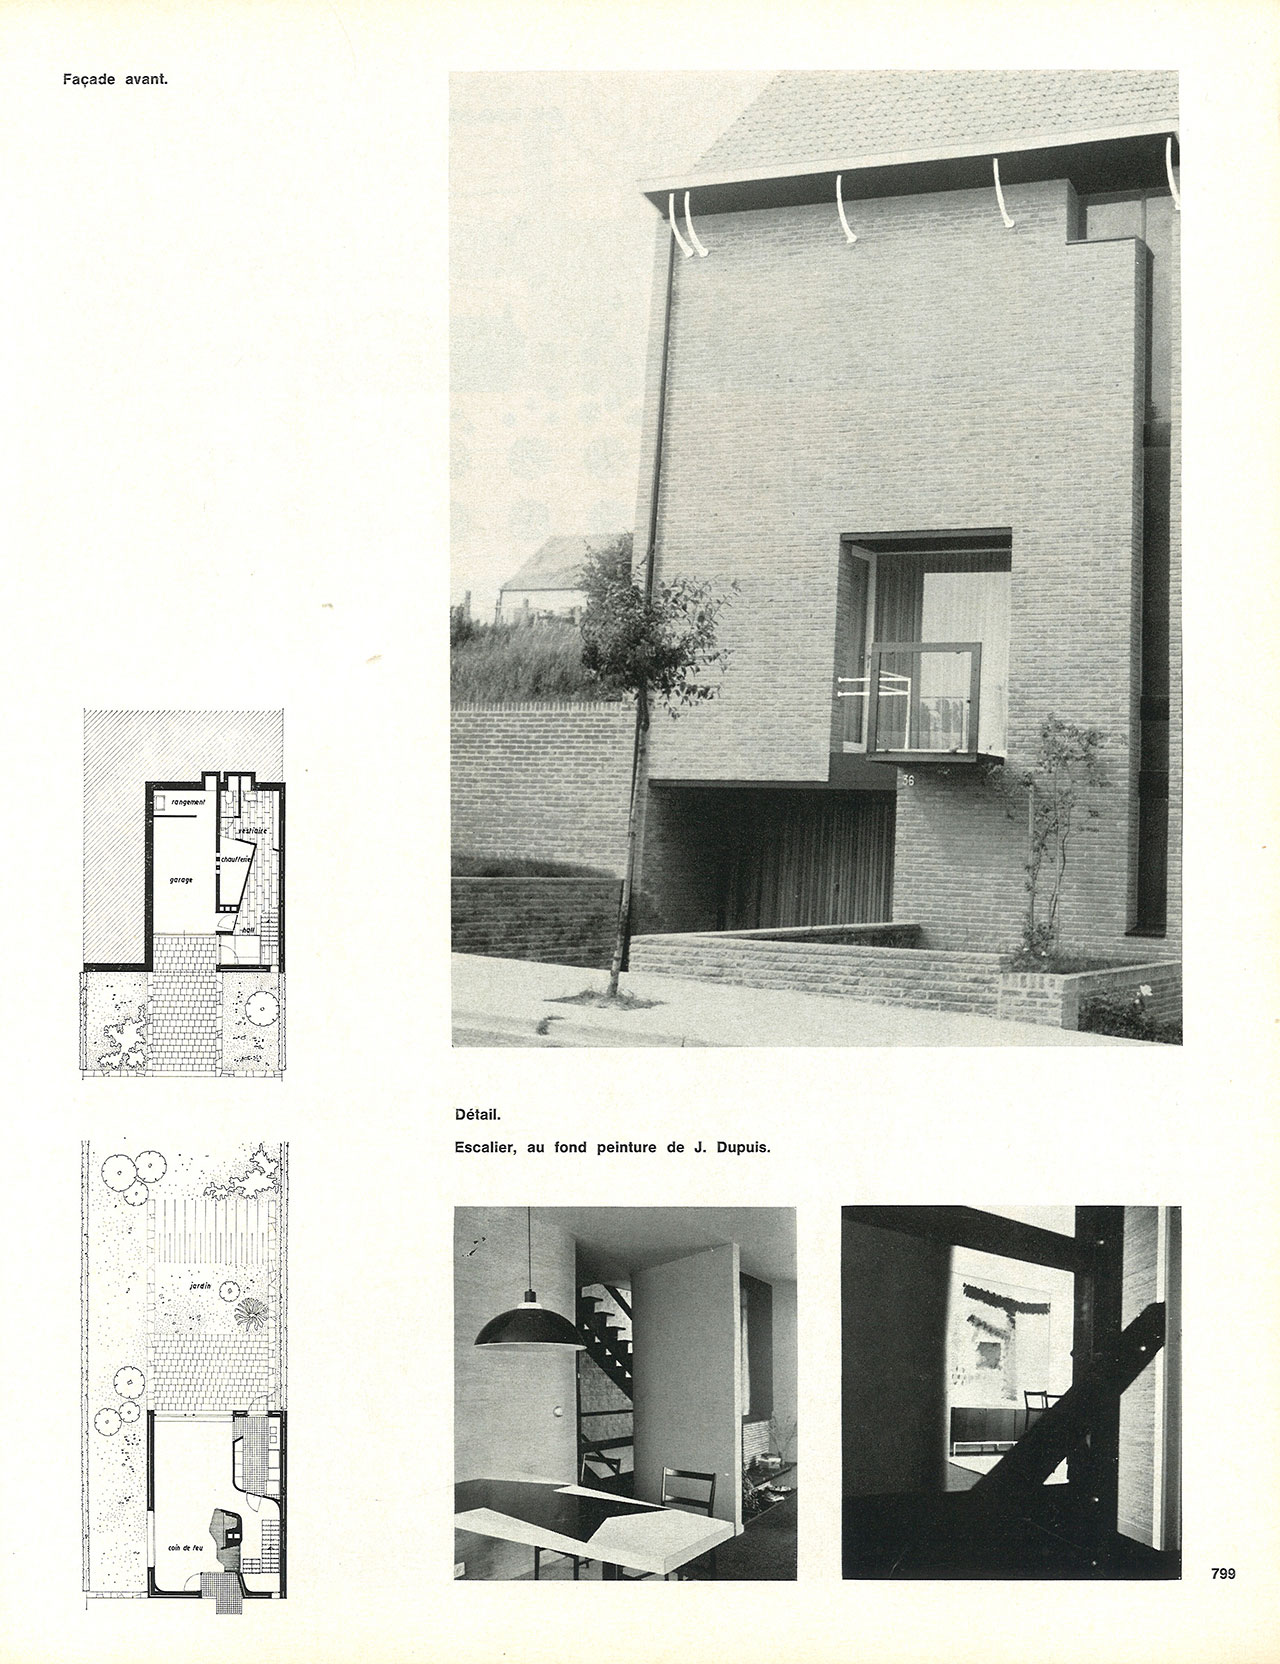 Maison mitoyenne woluwe saint lambert for Adresse maison communale woluwe saint lambert